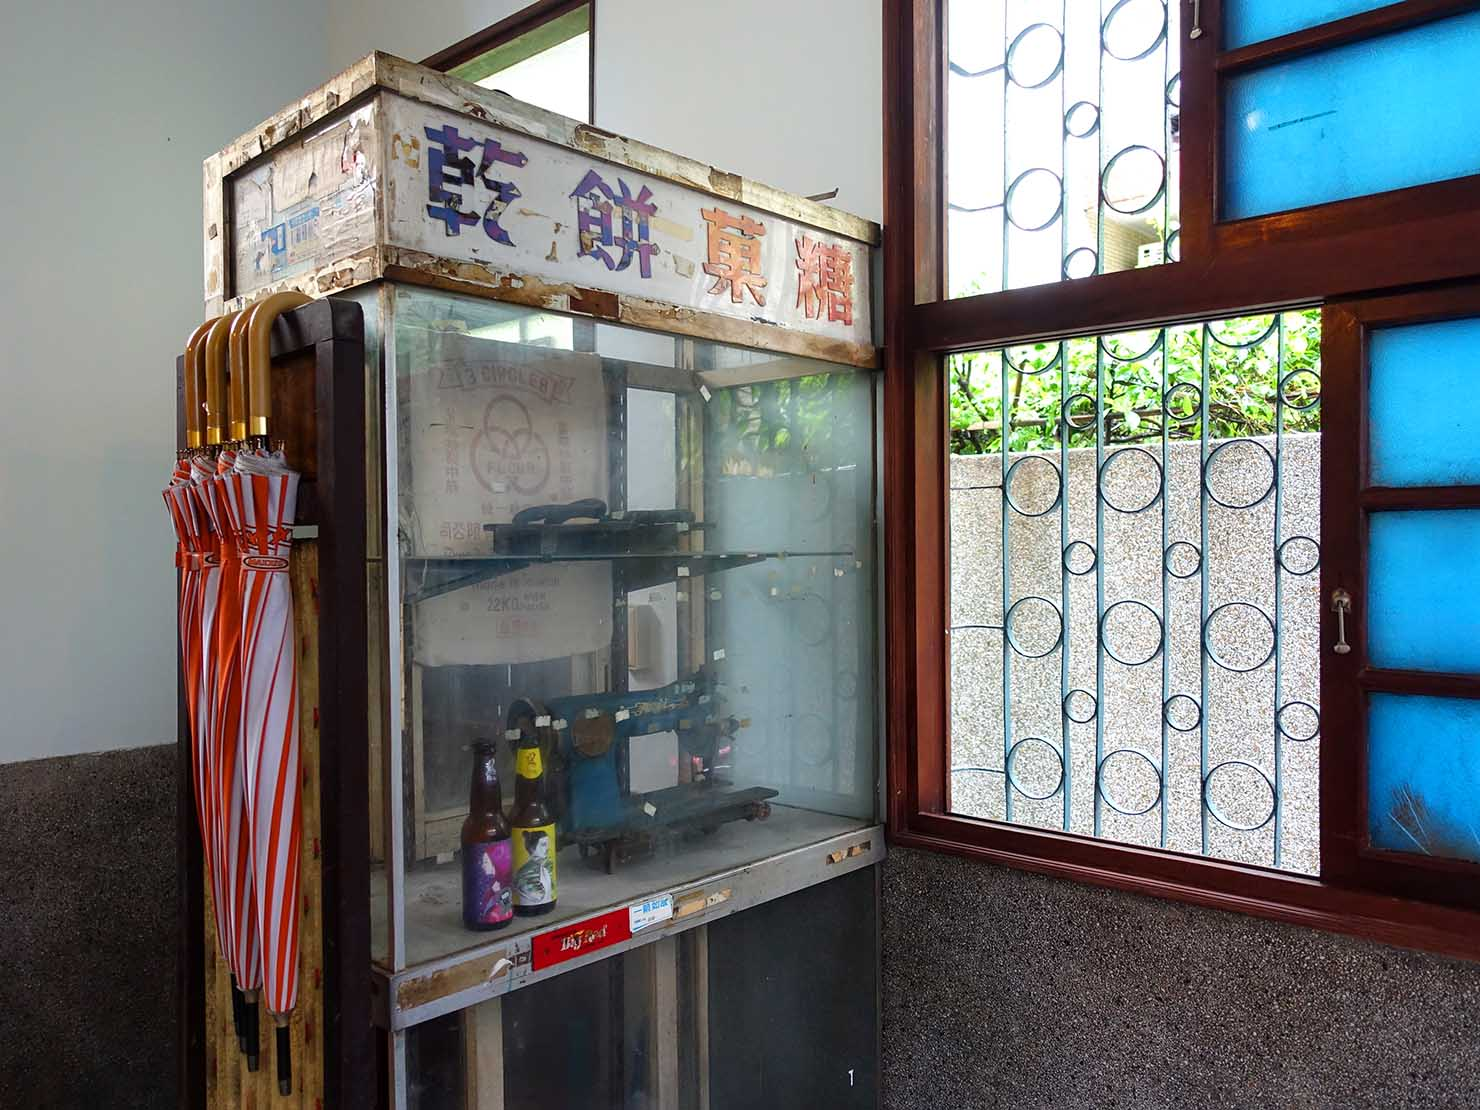 台南観光におすすめな古民家ゲストハウス「散步strolling」のガレージに置かれたディスプレイ棚